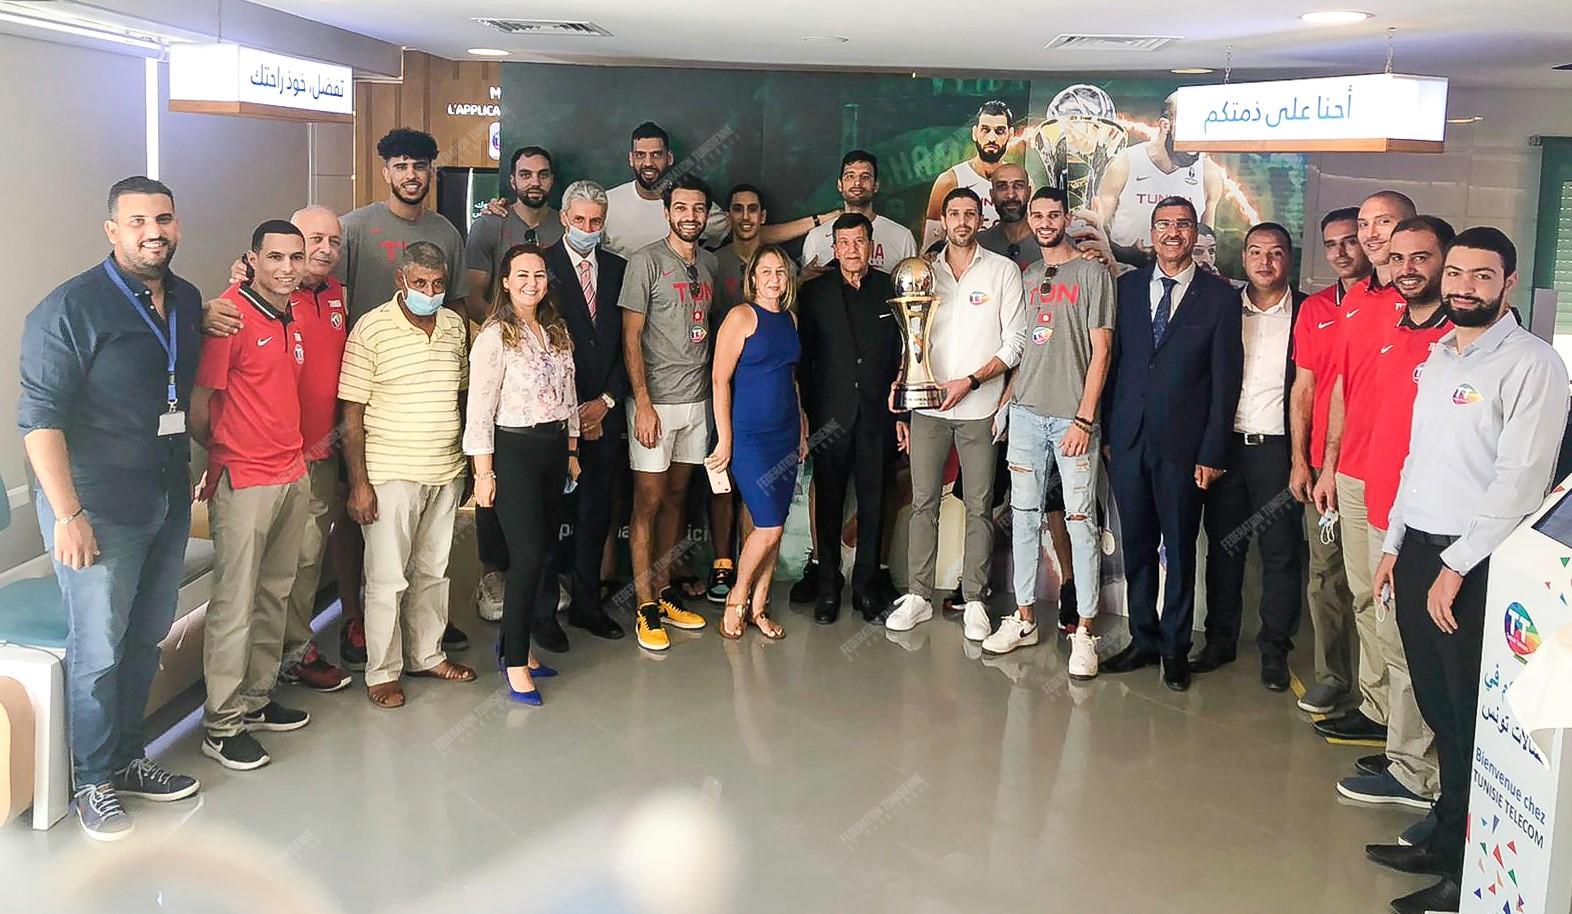 بالصور: اتصالات تونس تكرّم المنتخب الوطني لكرة السلة!!